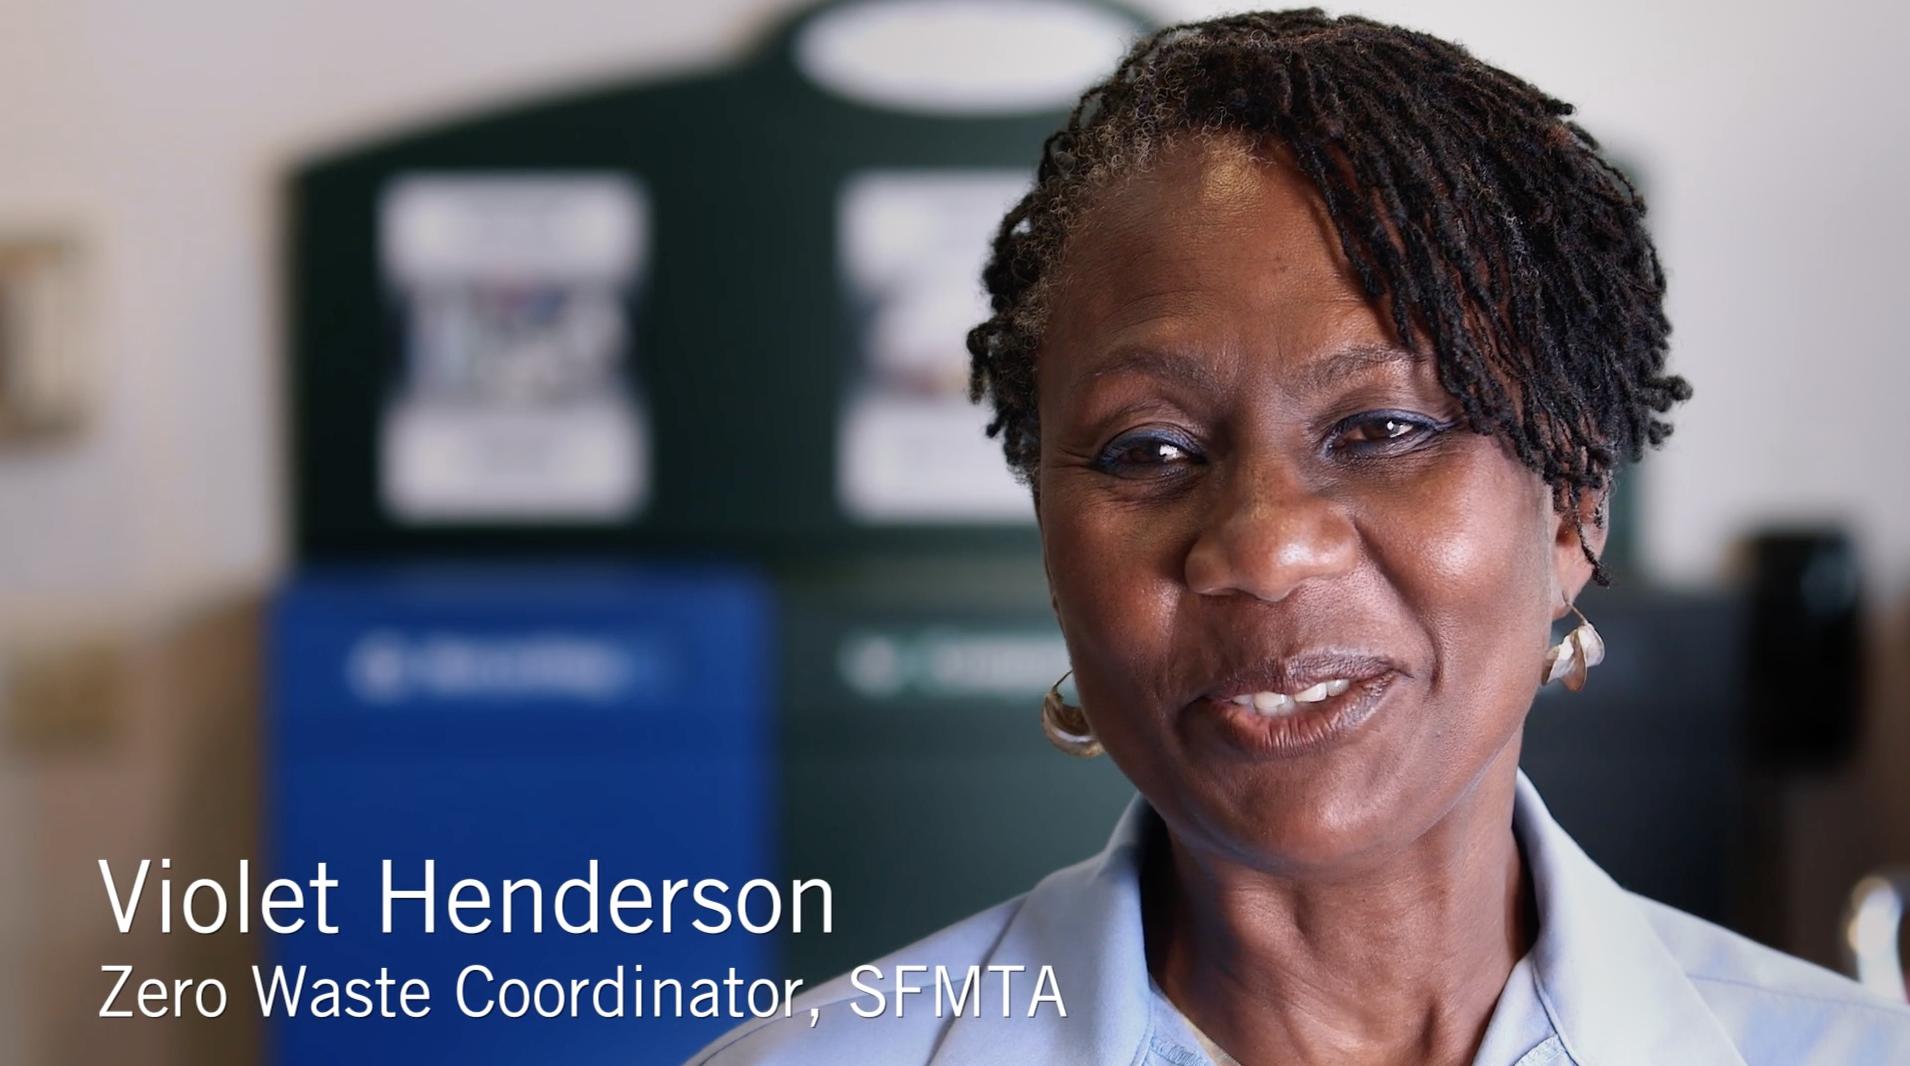 Violet Henderson screenshot from an SFMTA video